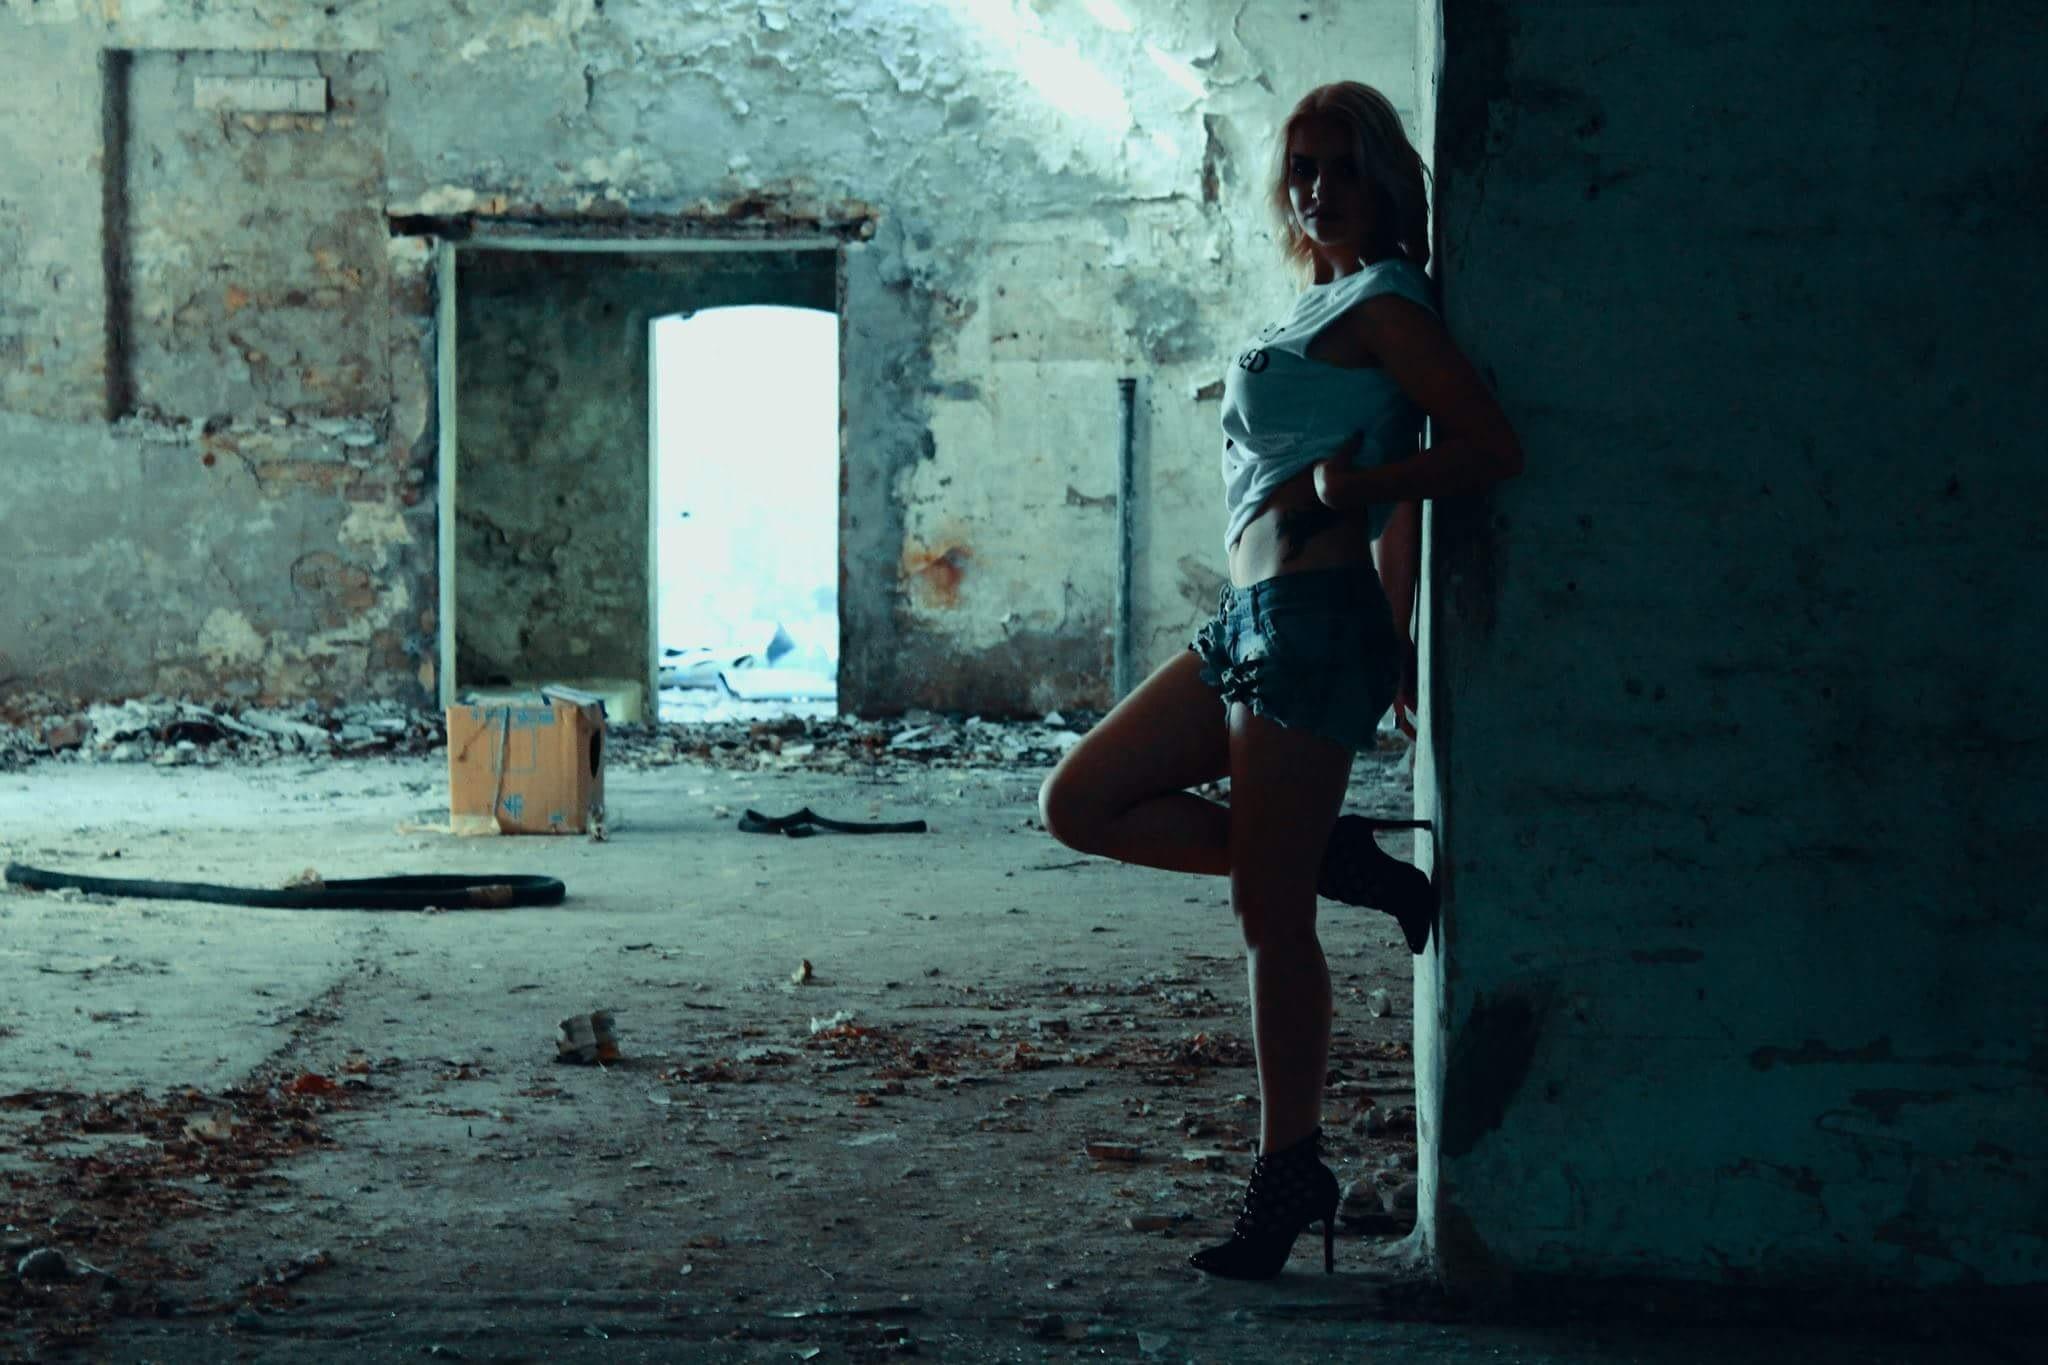 Untitled by Mladi fotograf